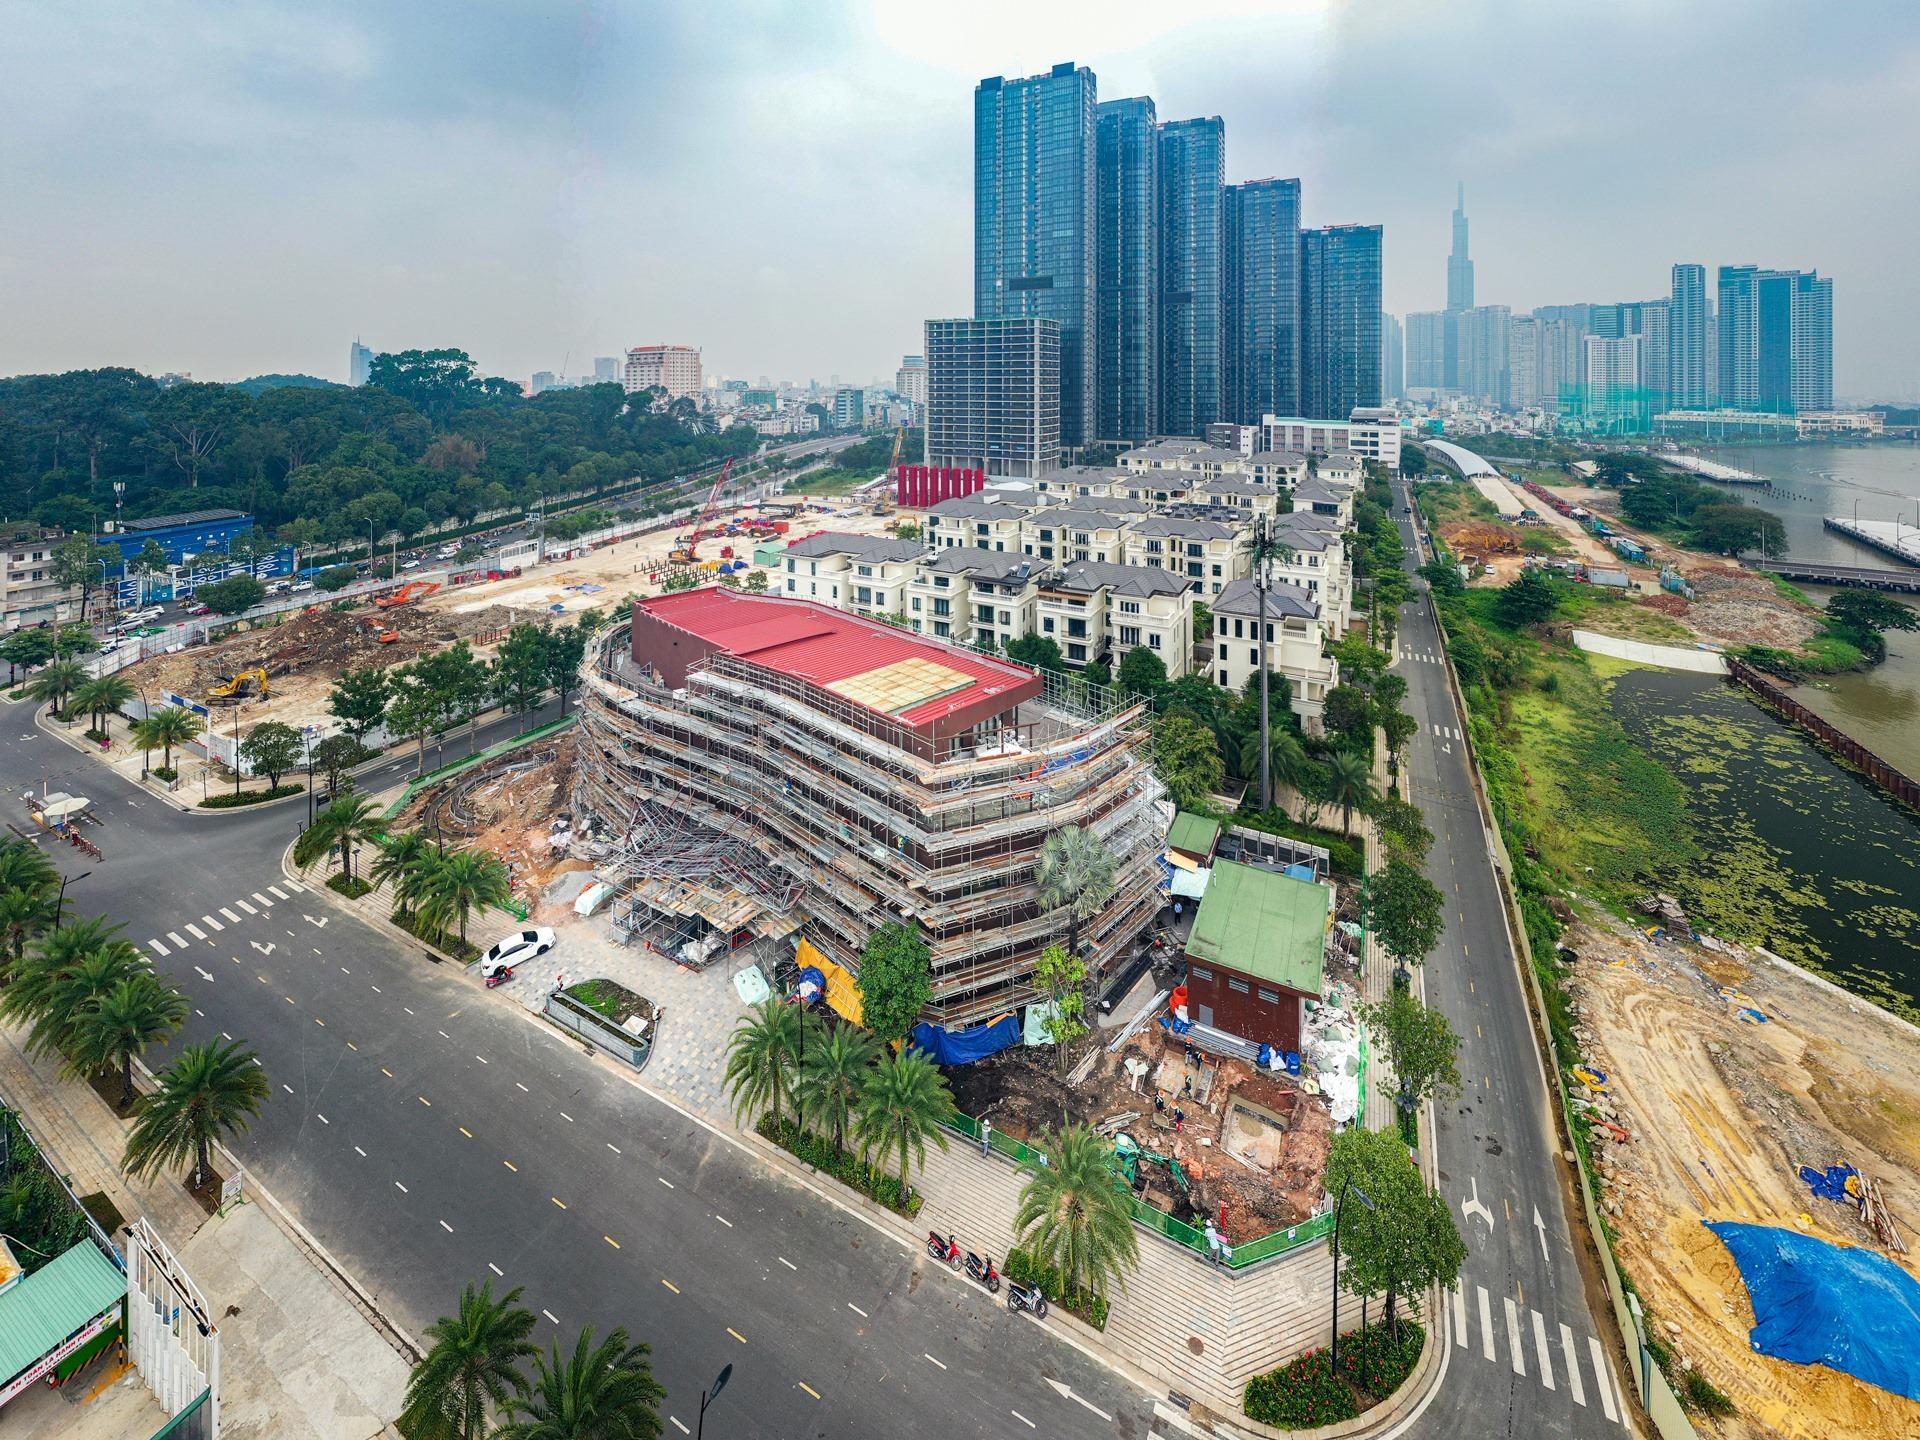 Tổng quan tiến độ xây dưng phần móng dự án căn hộ Grand Marina Saigon Quận 1